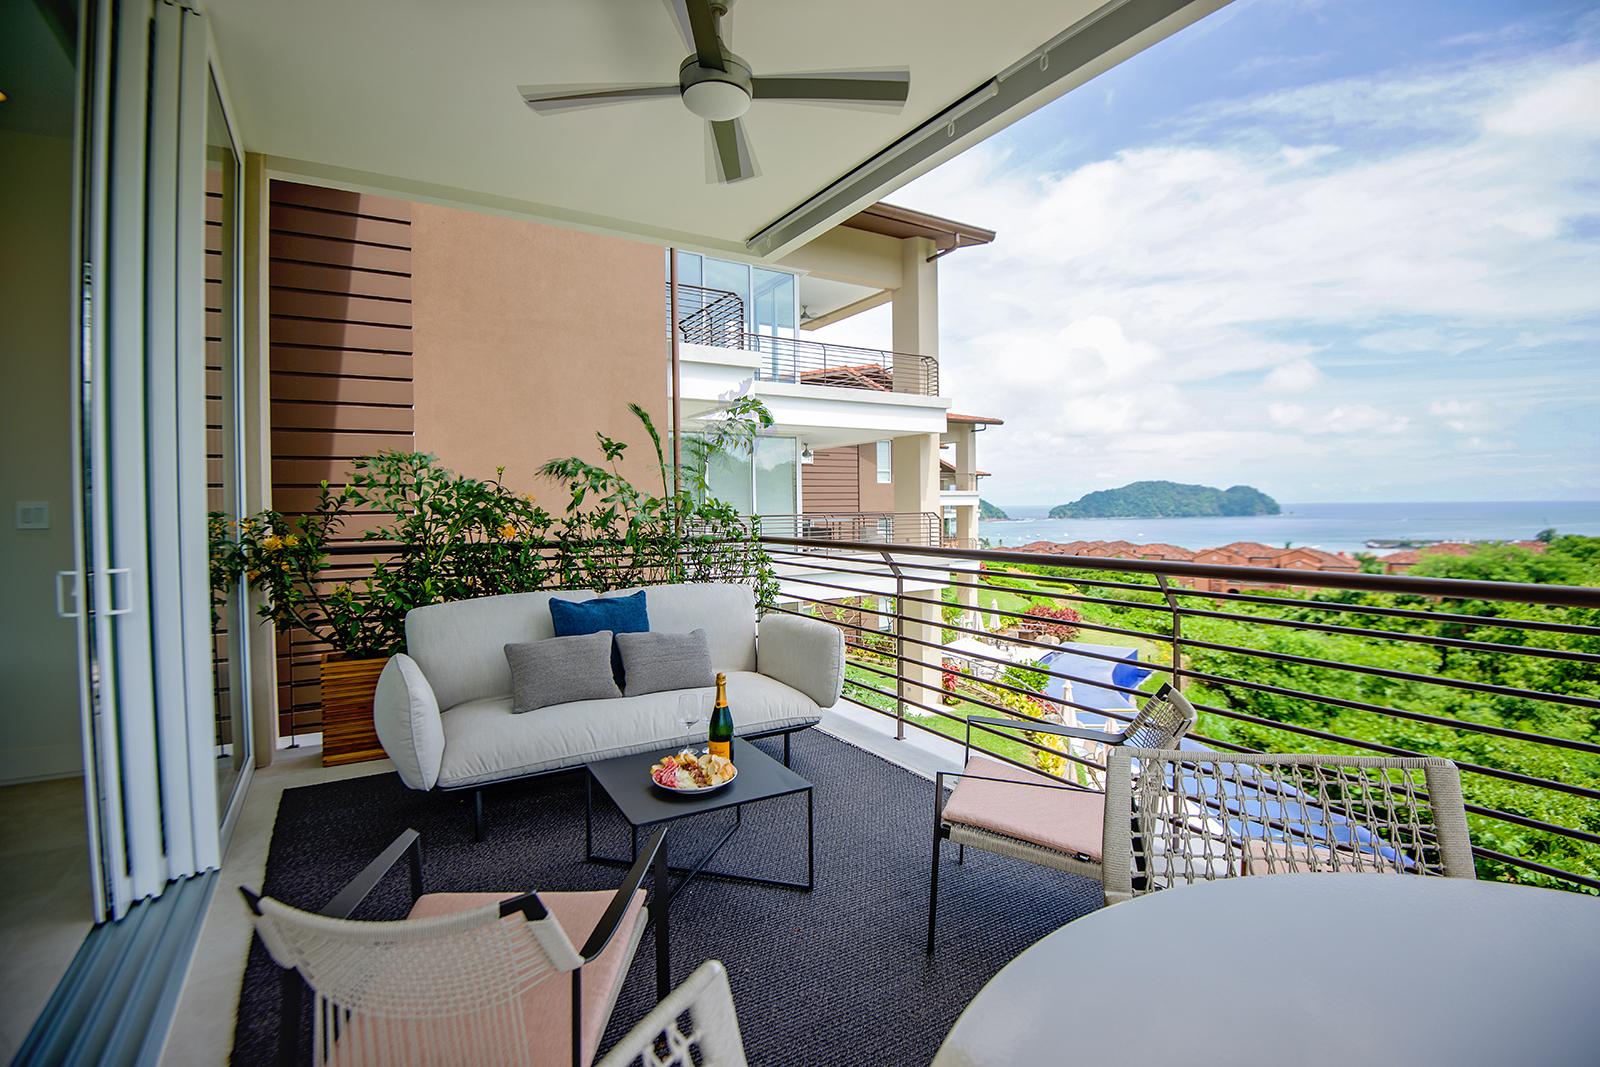 Montecielo 1C – Modern Luxury with ocean view.